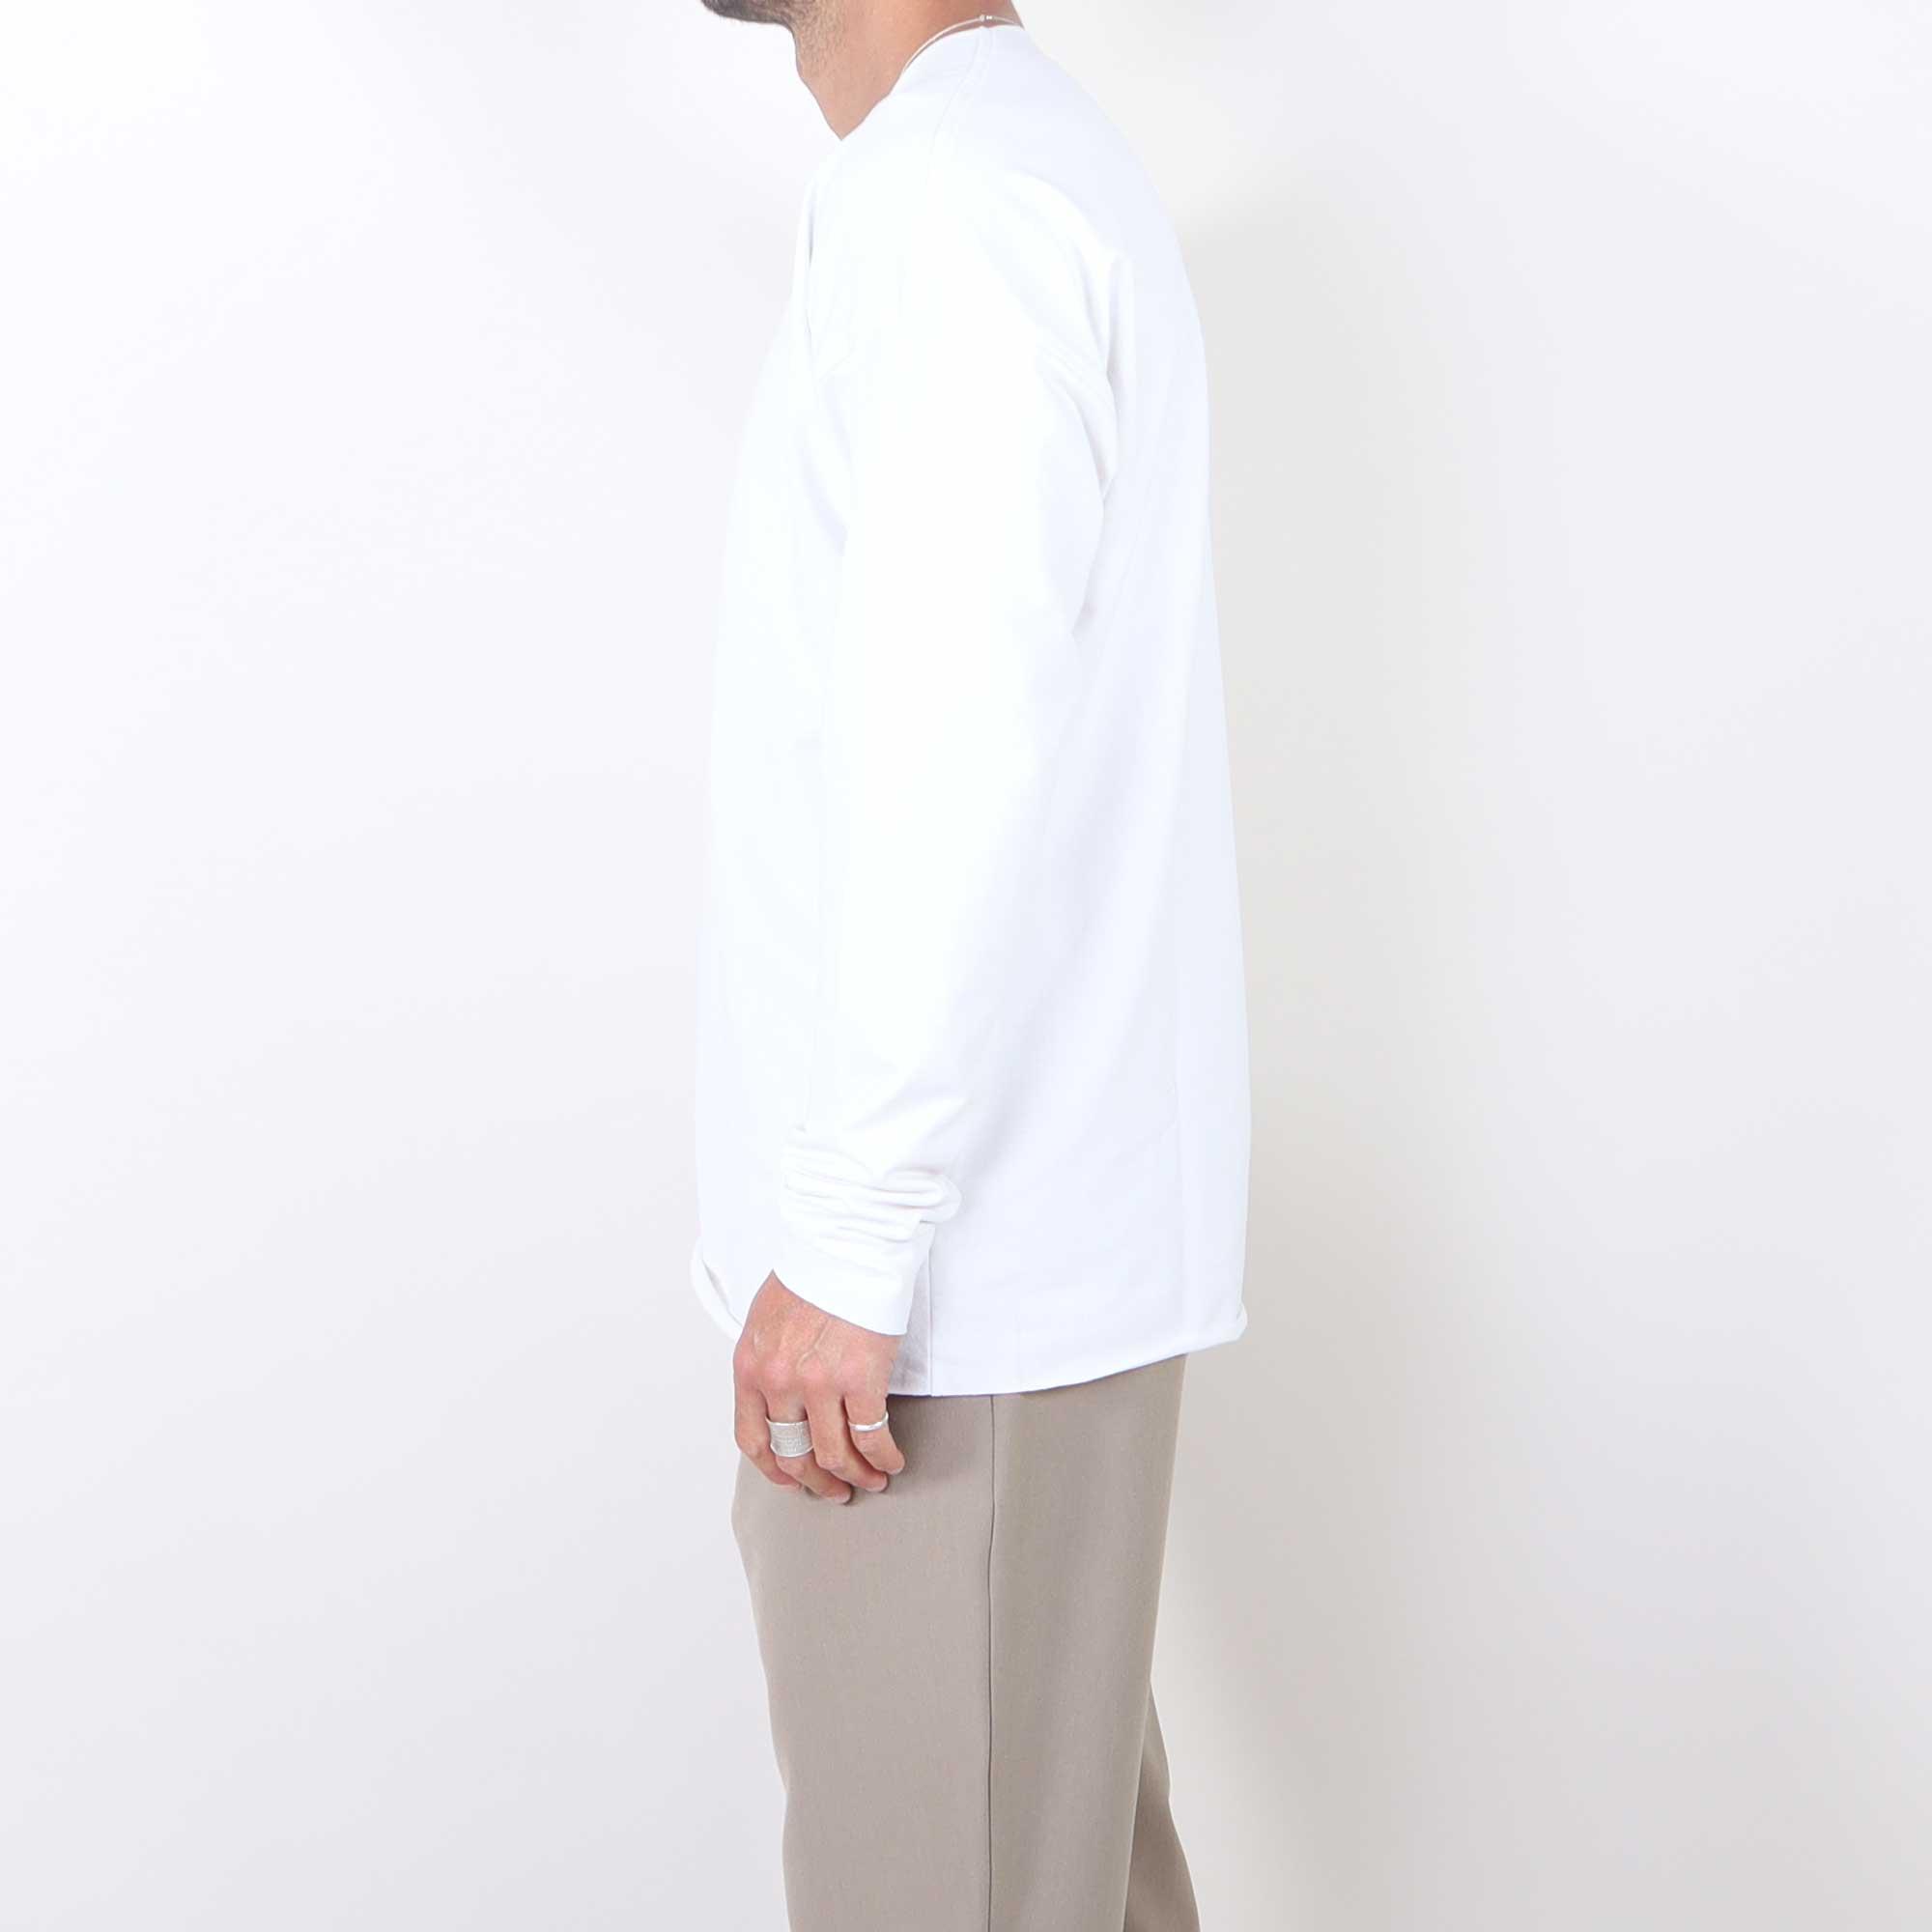 turn-longsleeve-white-5